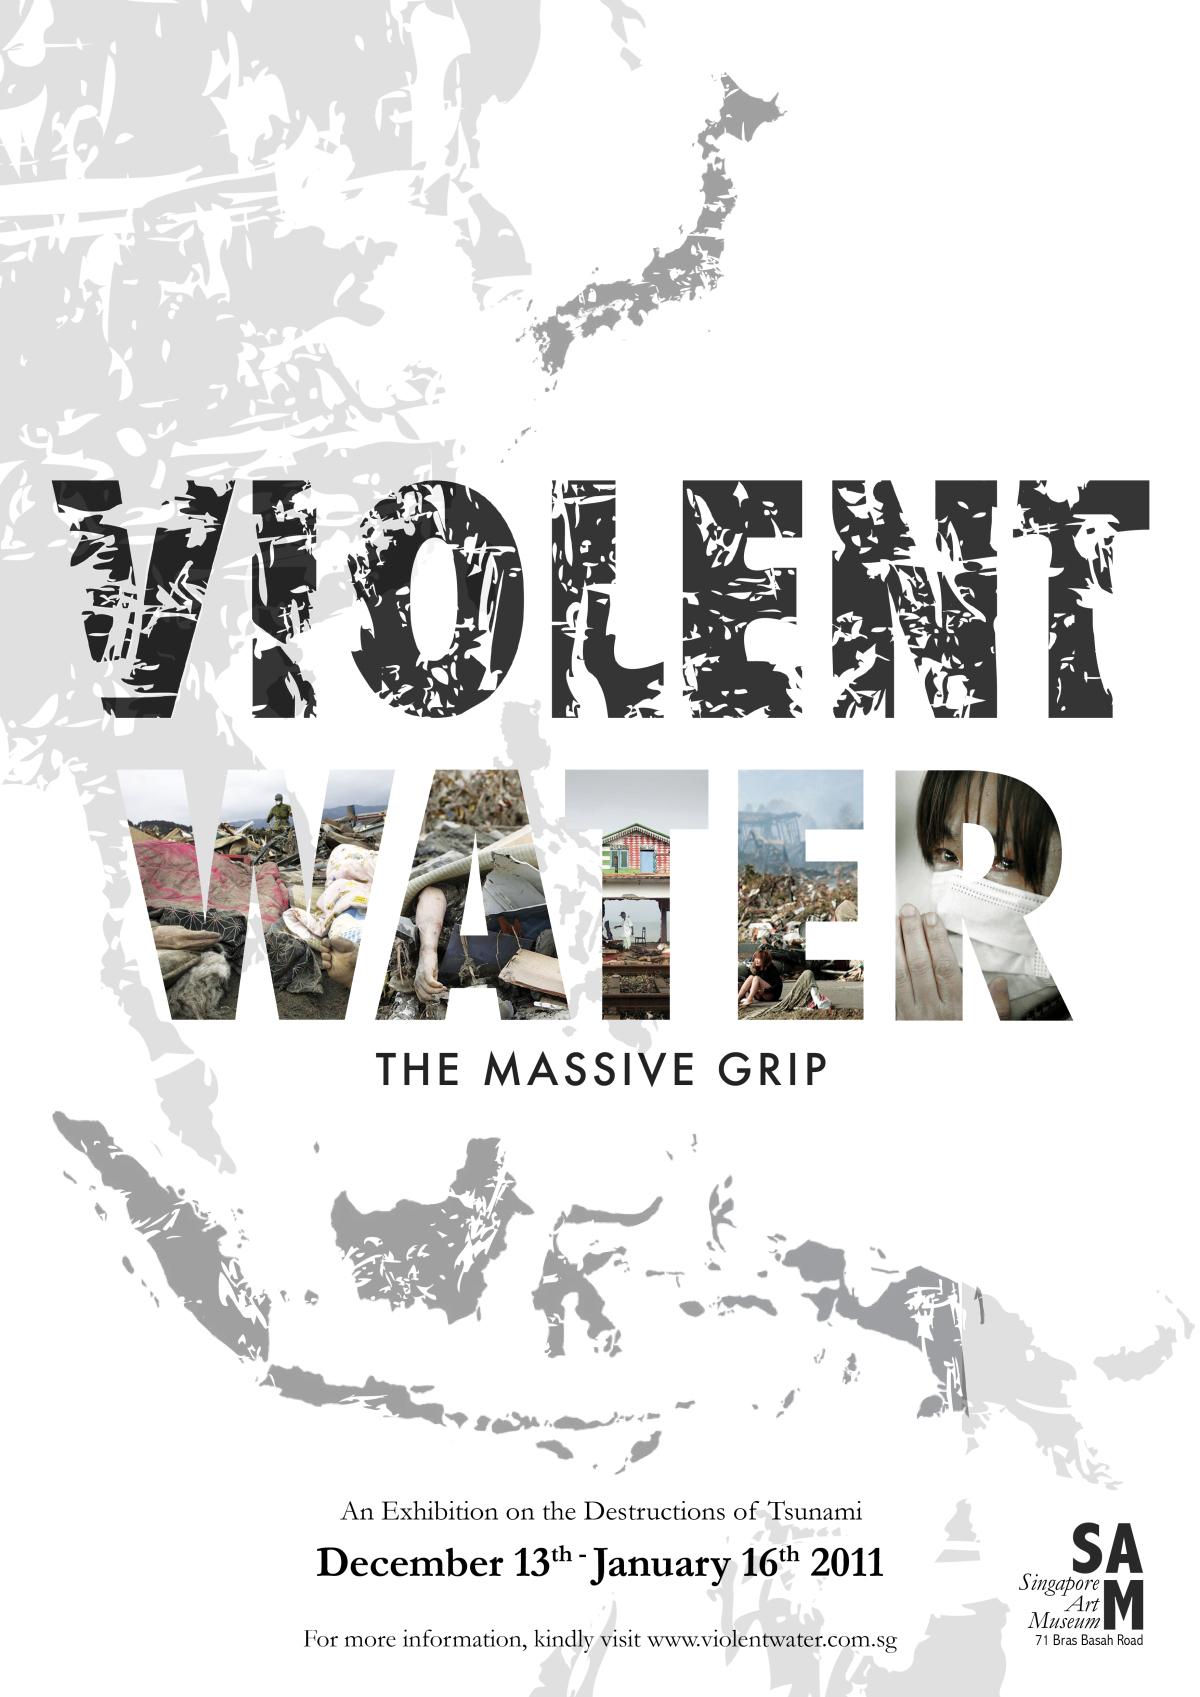 Violent Water: The Massive Grip at NTU ADM Portfolio